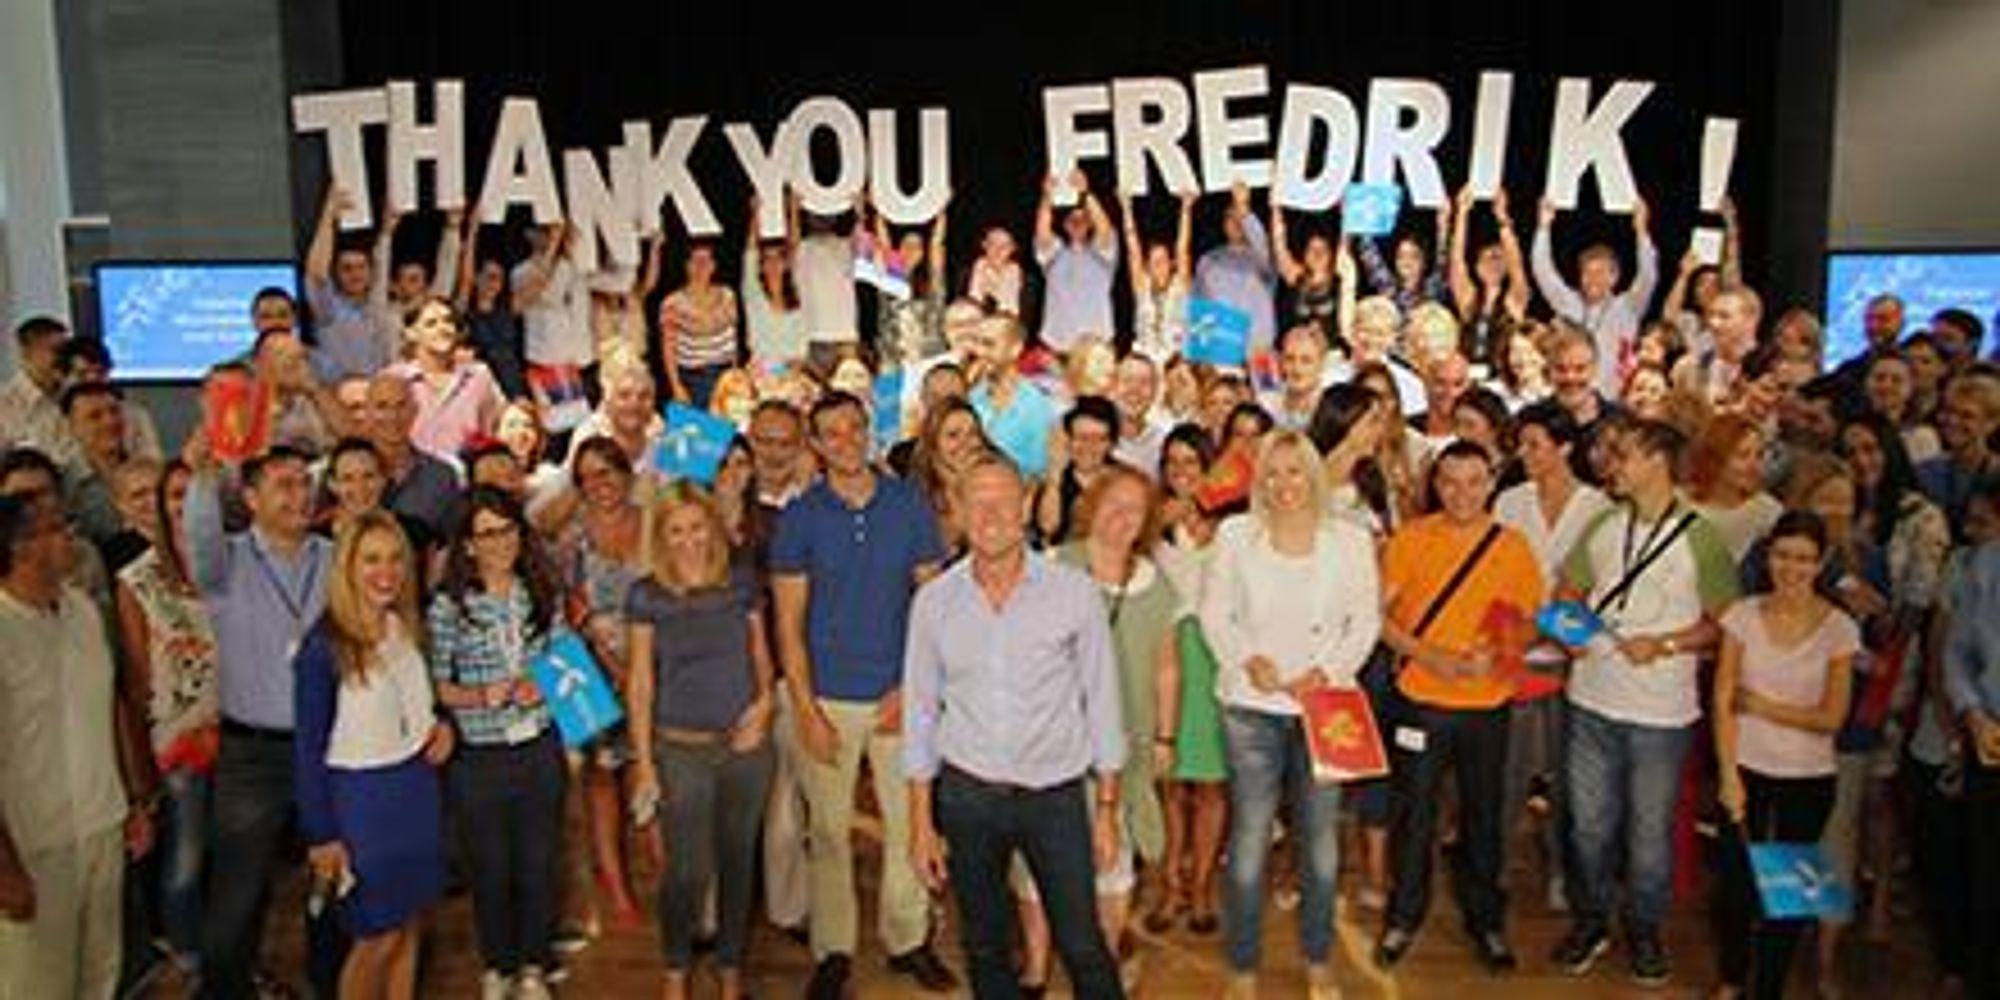 De Telenor-ansatte takket av Jon Fredrik Baksaas etter 13 år i selskapet.